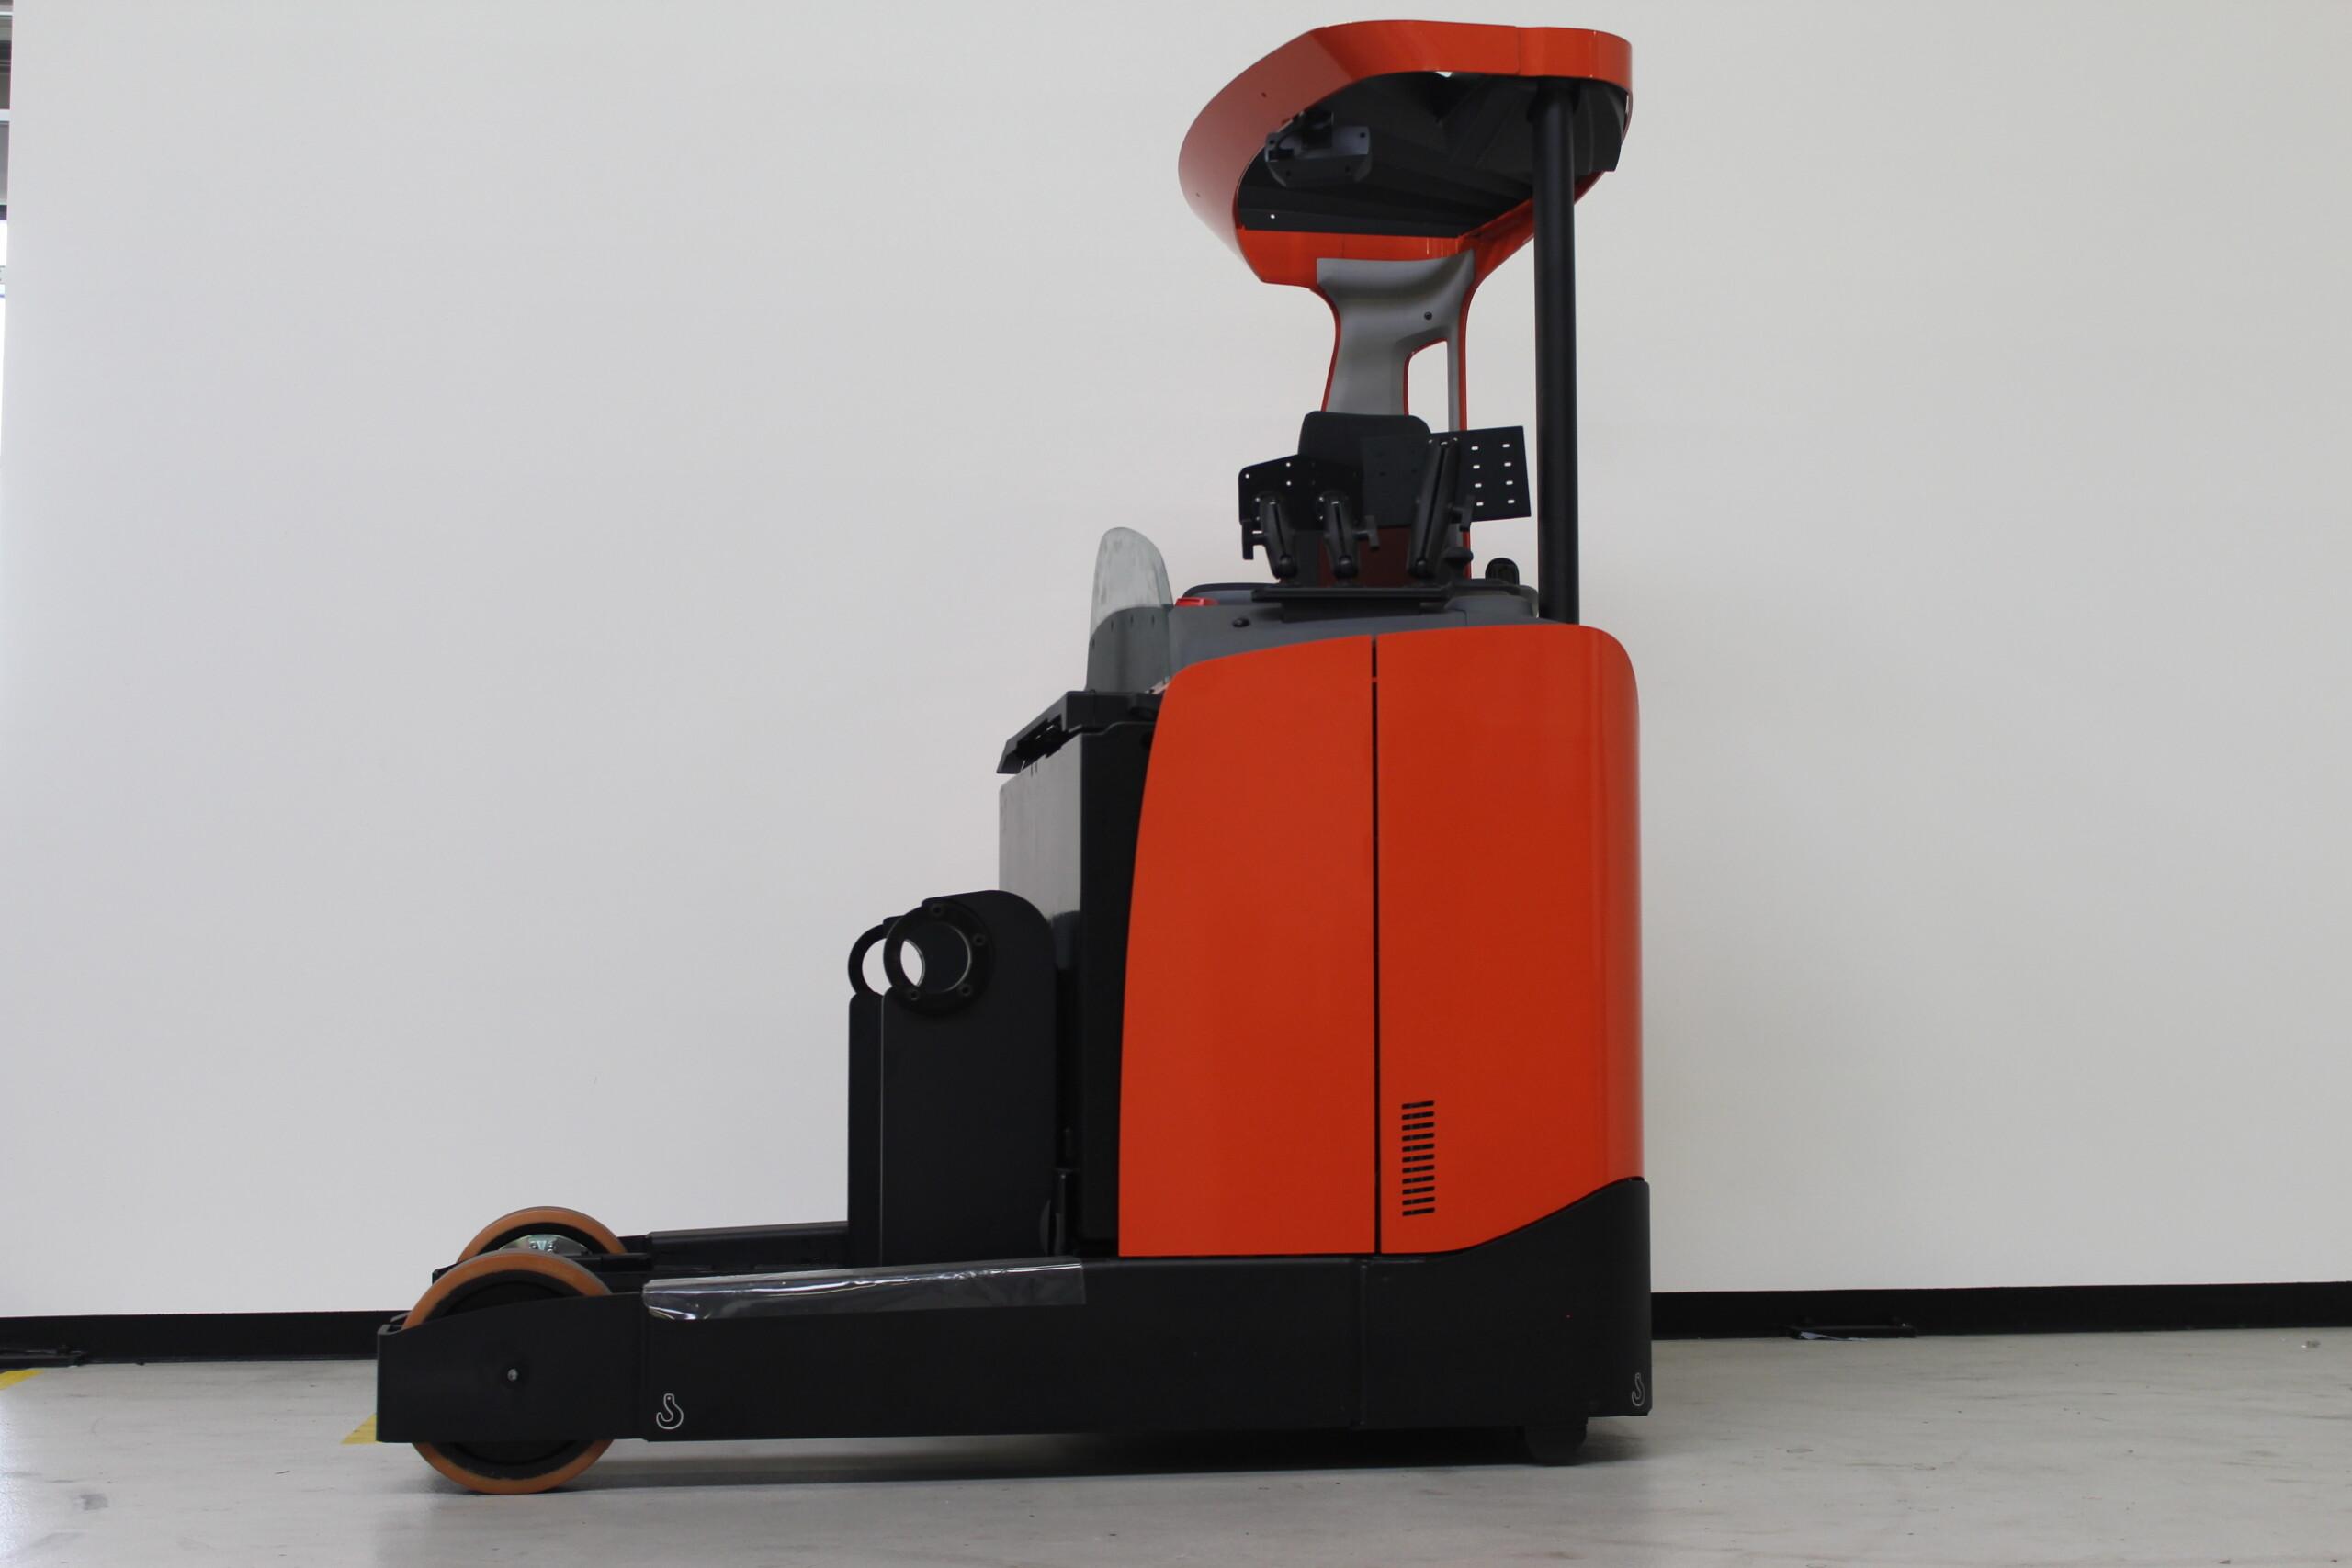 Toyota-Gabelstapler-59840 1702023427 1 13 scaled